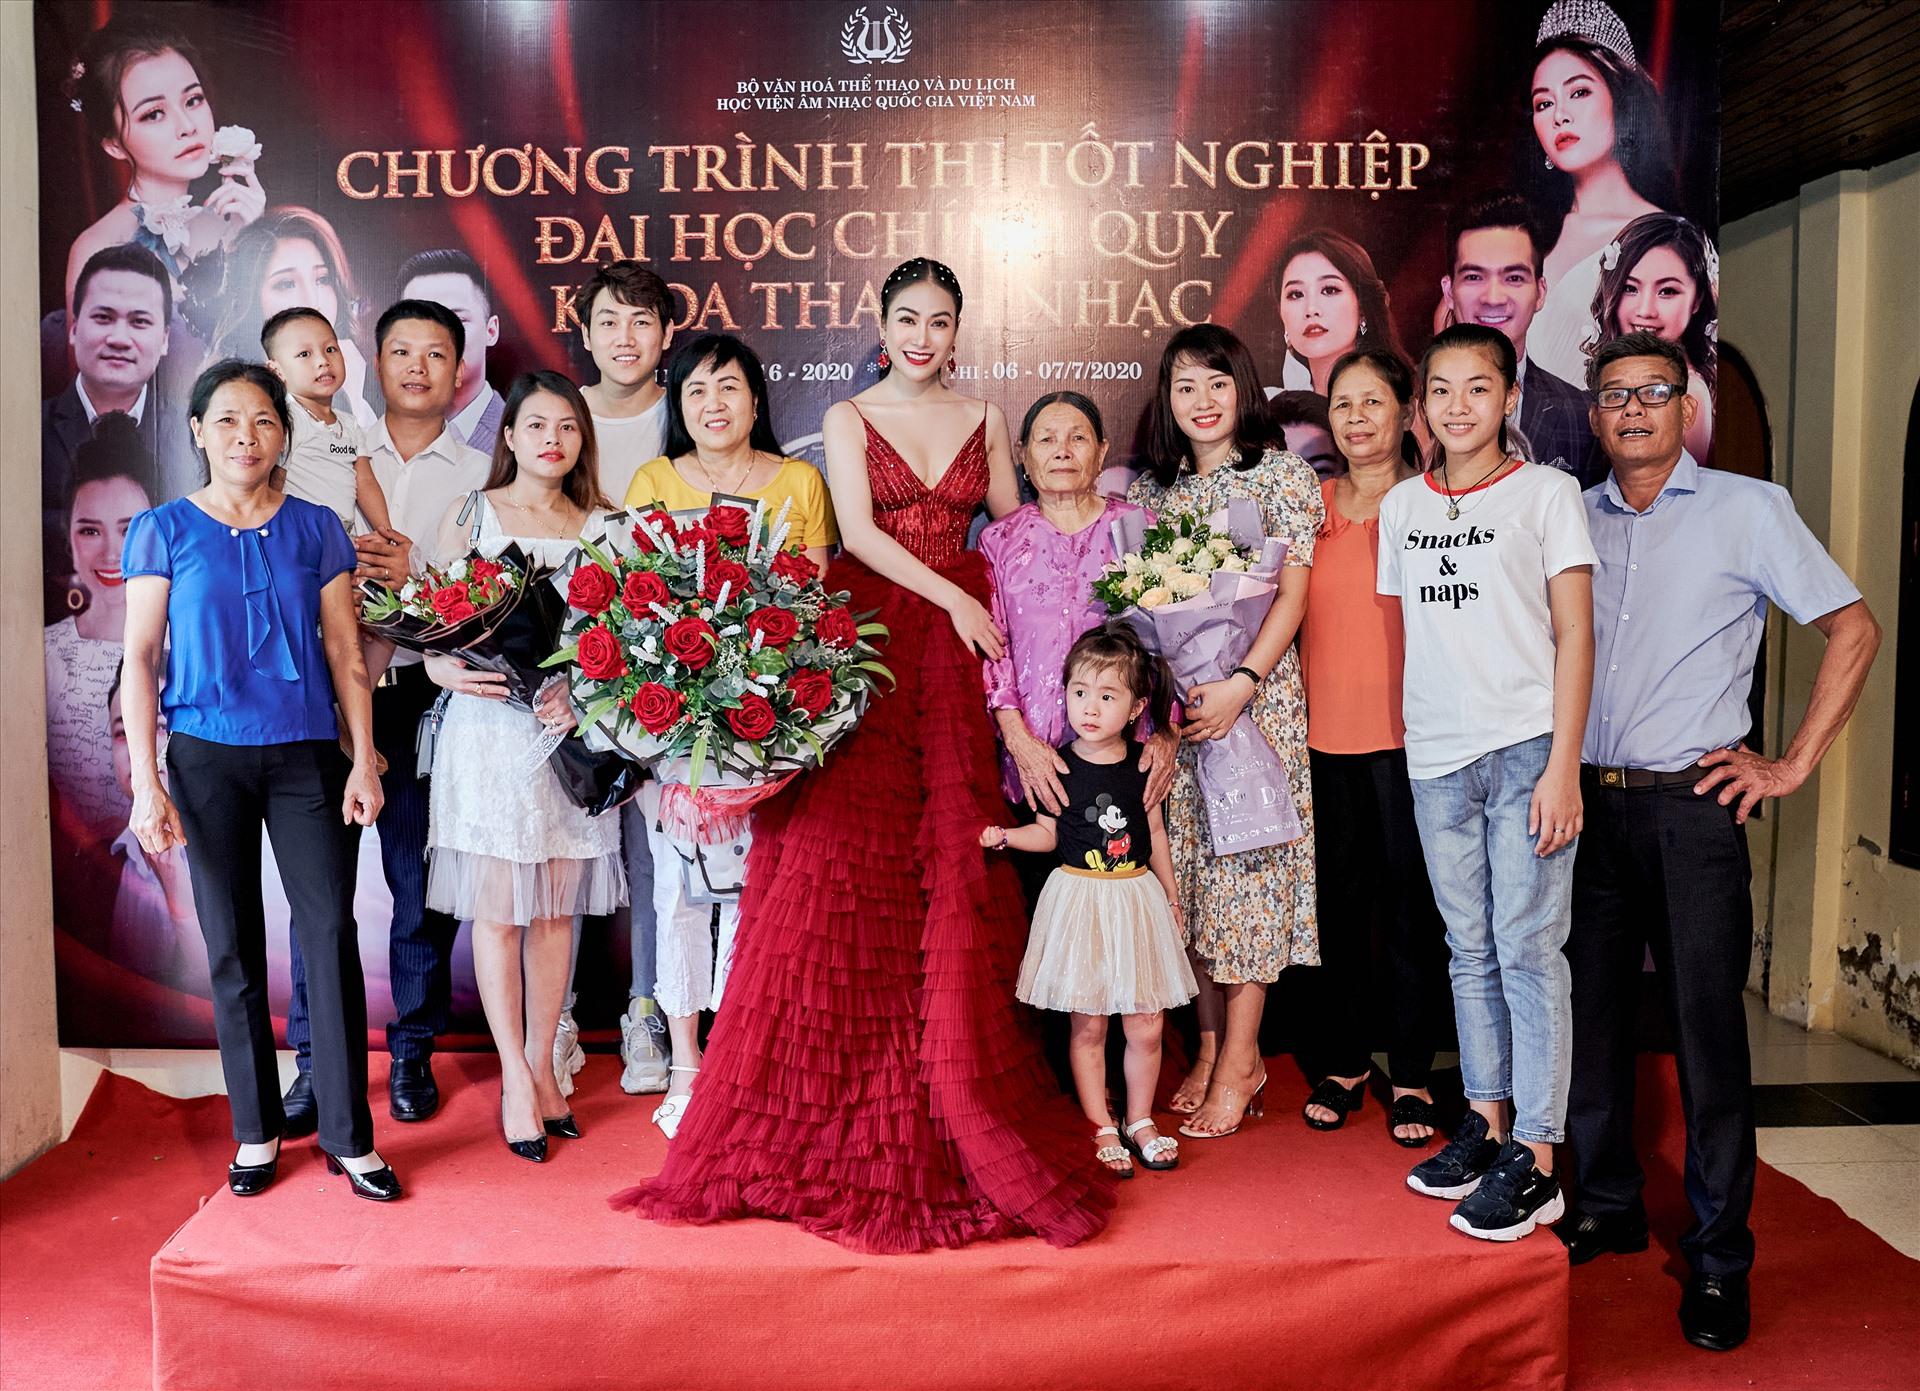 Gia đình và bạn bè đến chúc mừng lễ tốt nghiệp của Hoa hậu Áo dài Việt Nam 2019.